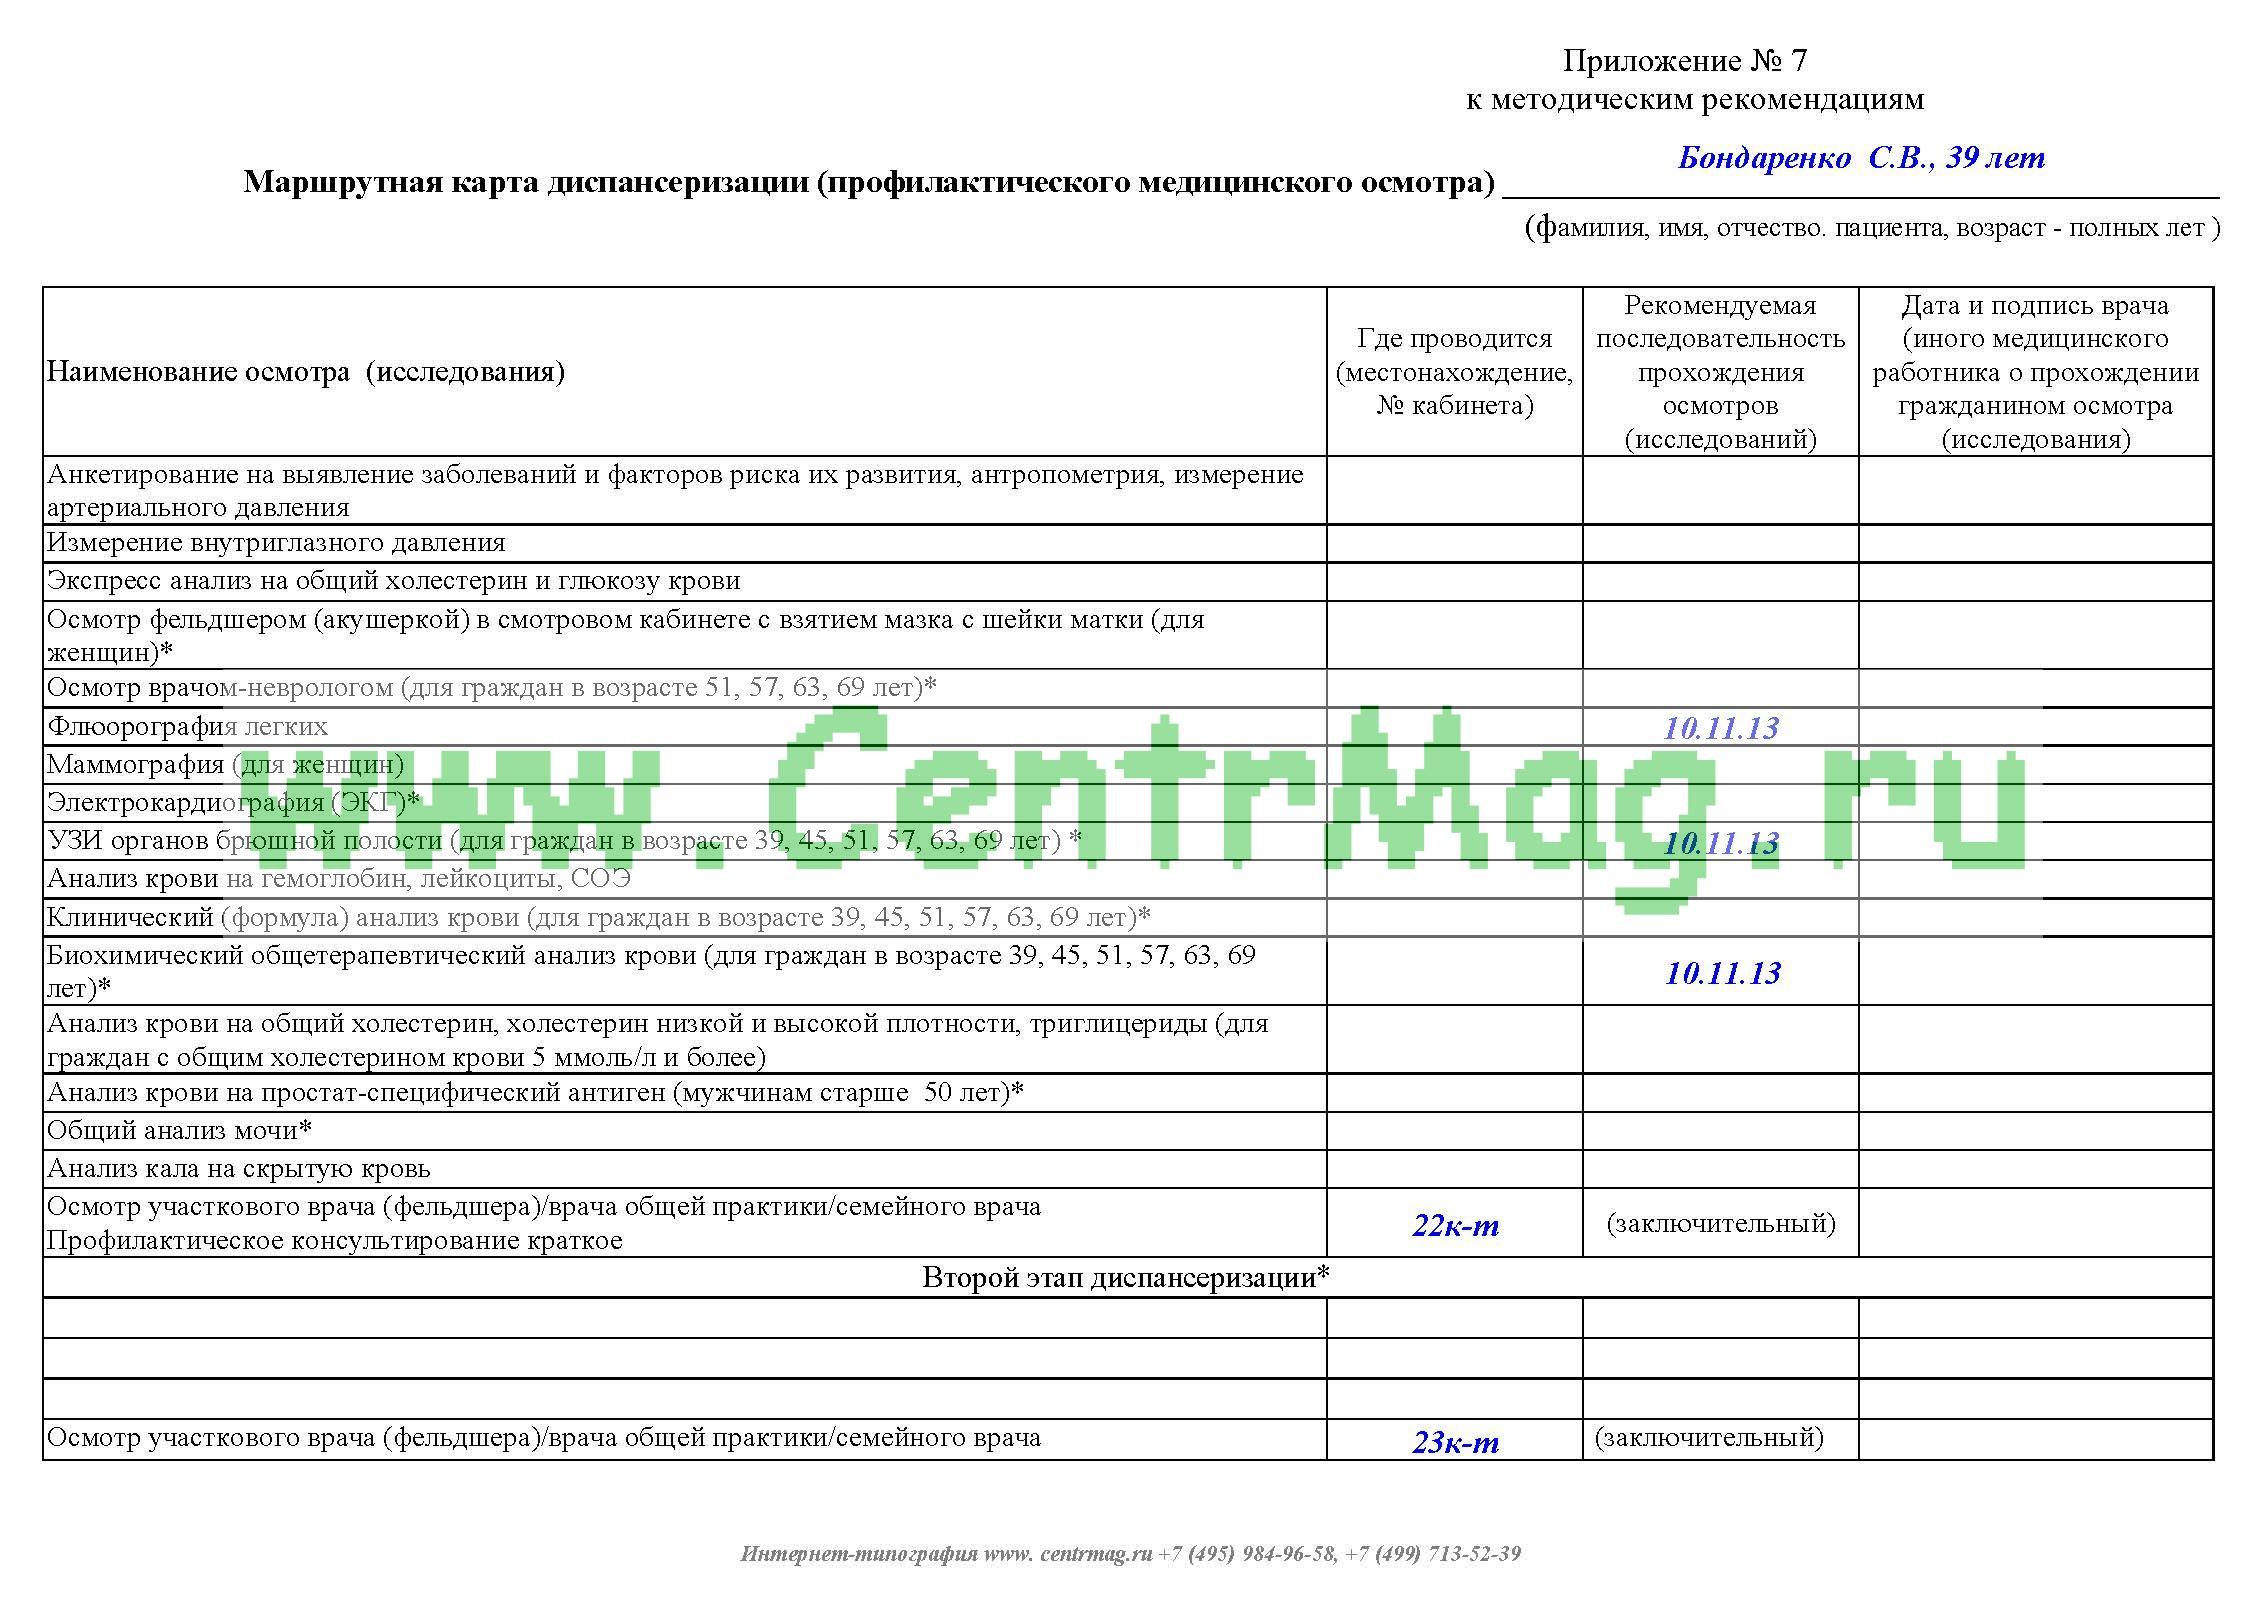 marshrutnaya-karta-dispanserizatsii-profilakticheskogo-meditsinskogo-osmotra